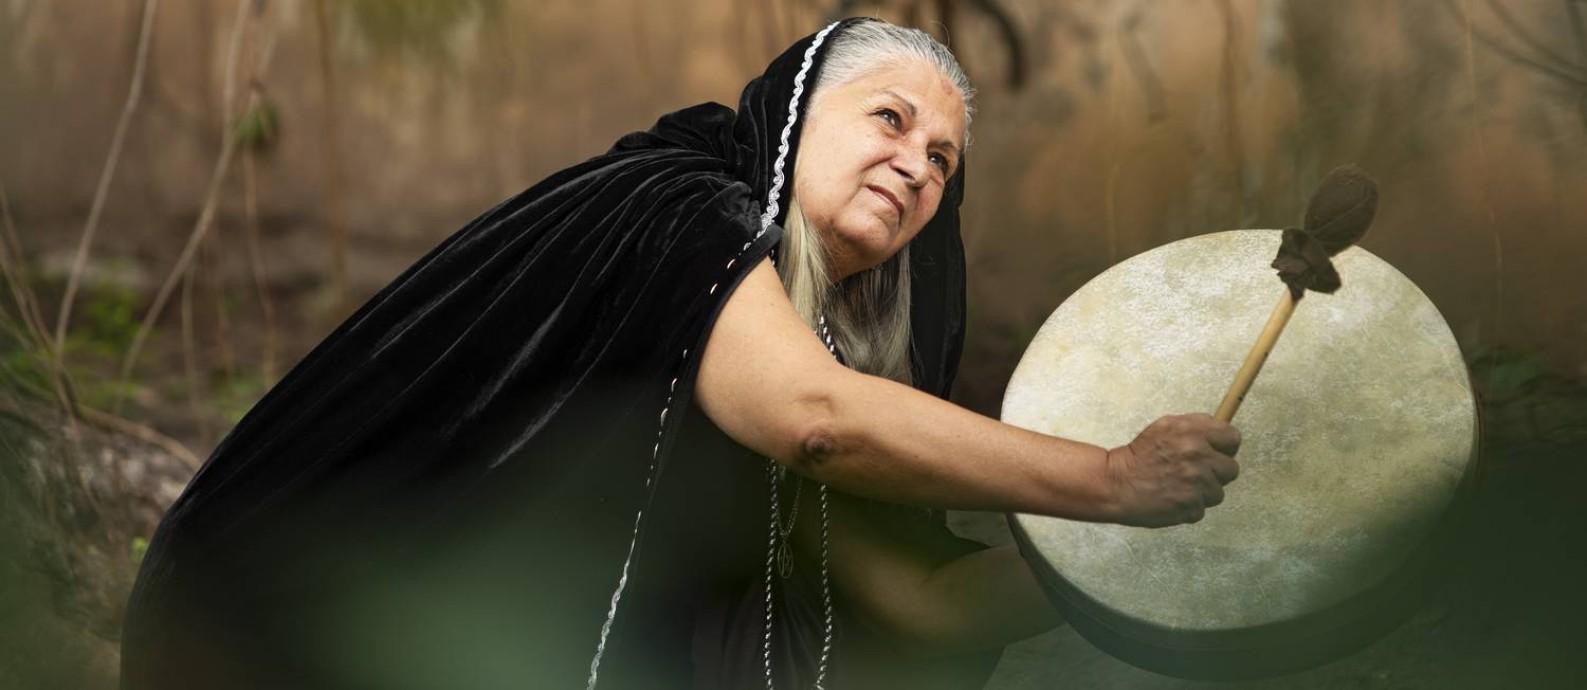 Jussara Gabriel, suma-sacerdotisa wiccana, o mais alto grau da religião wicca Foto: Ana Branco / Agência O Globo